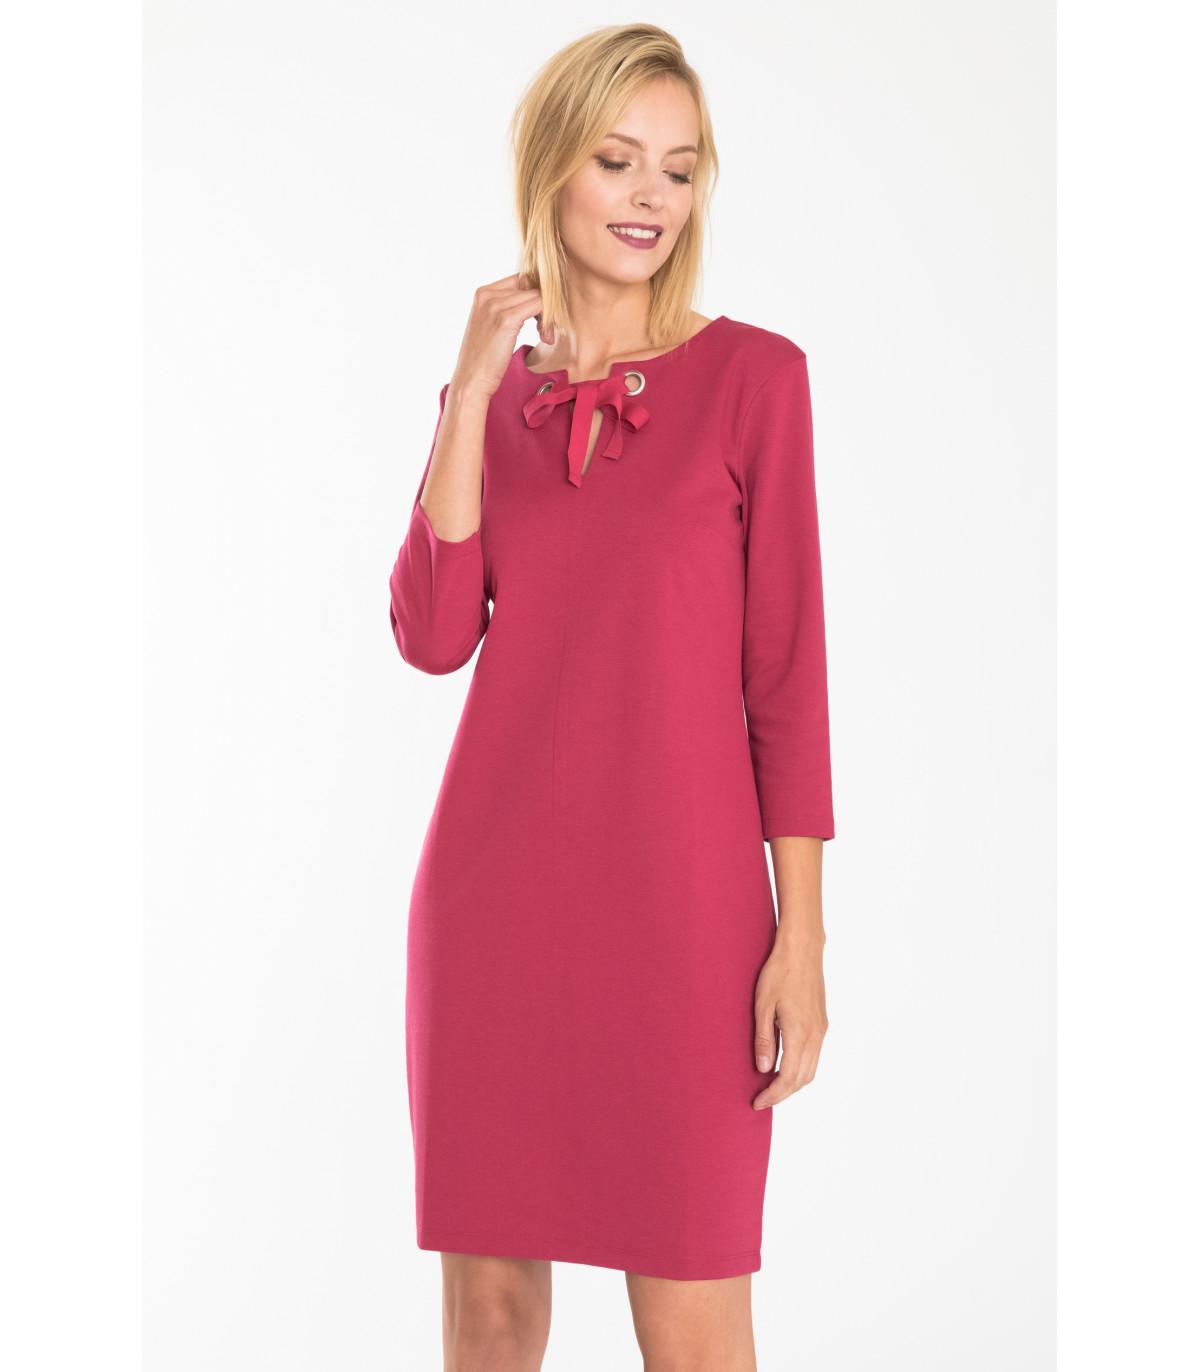 4ad6463822 Czerwona elegancka sukienka dzianinowa Rozmiar 36 Kolor B18REROU